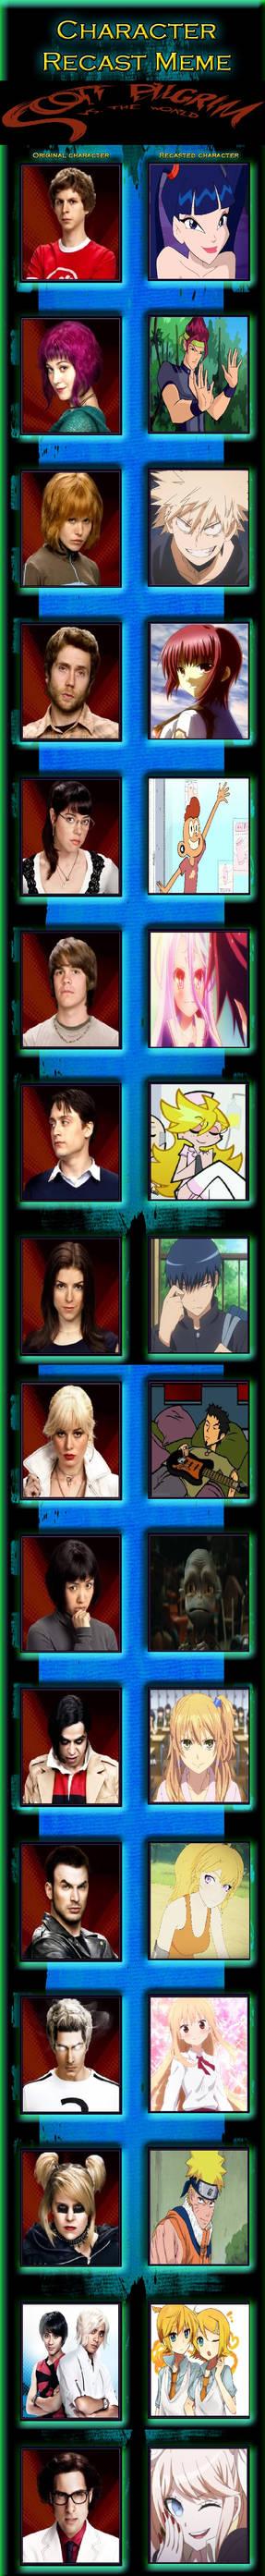 Scott Pilgrim VS The World Cast Meme